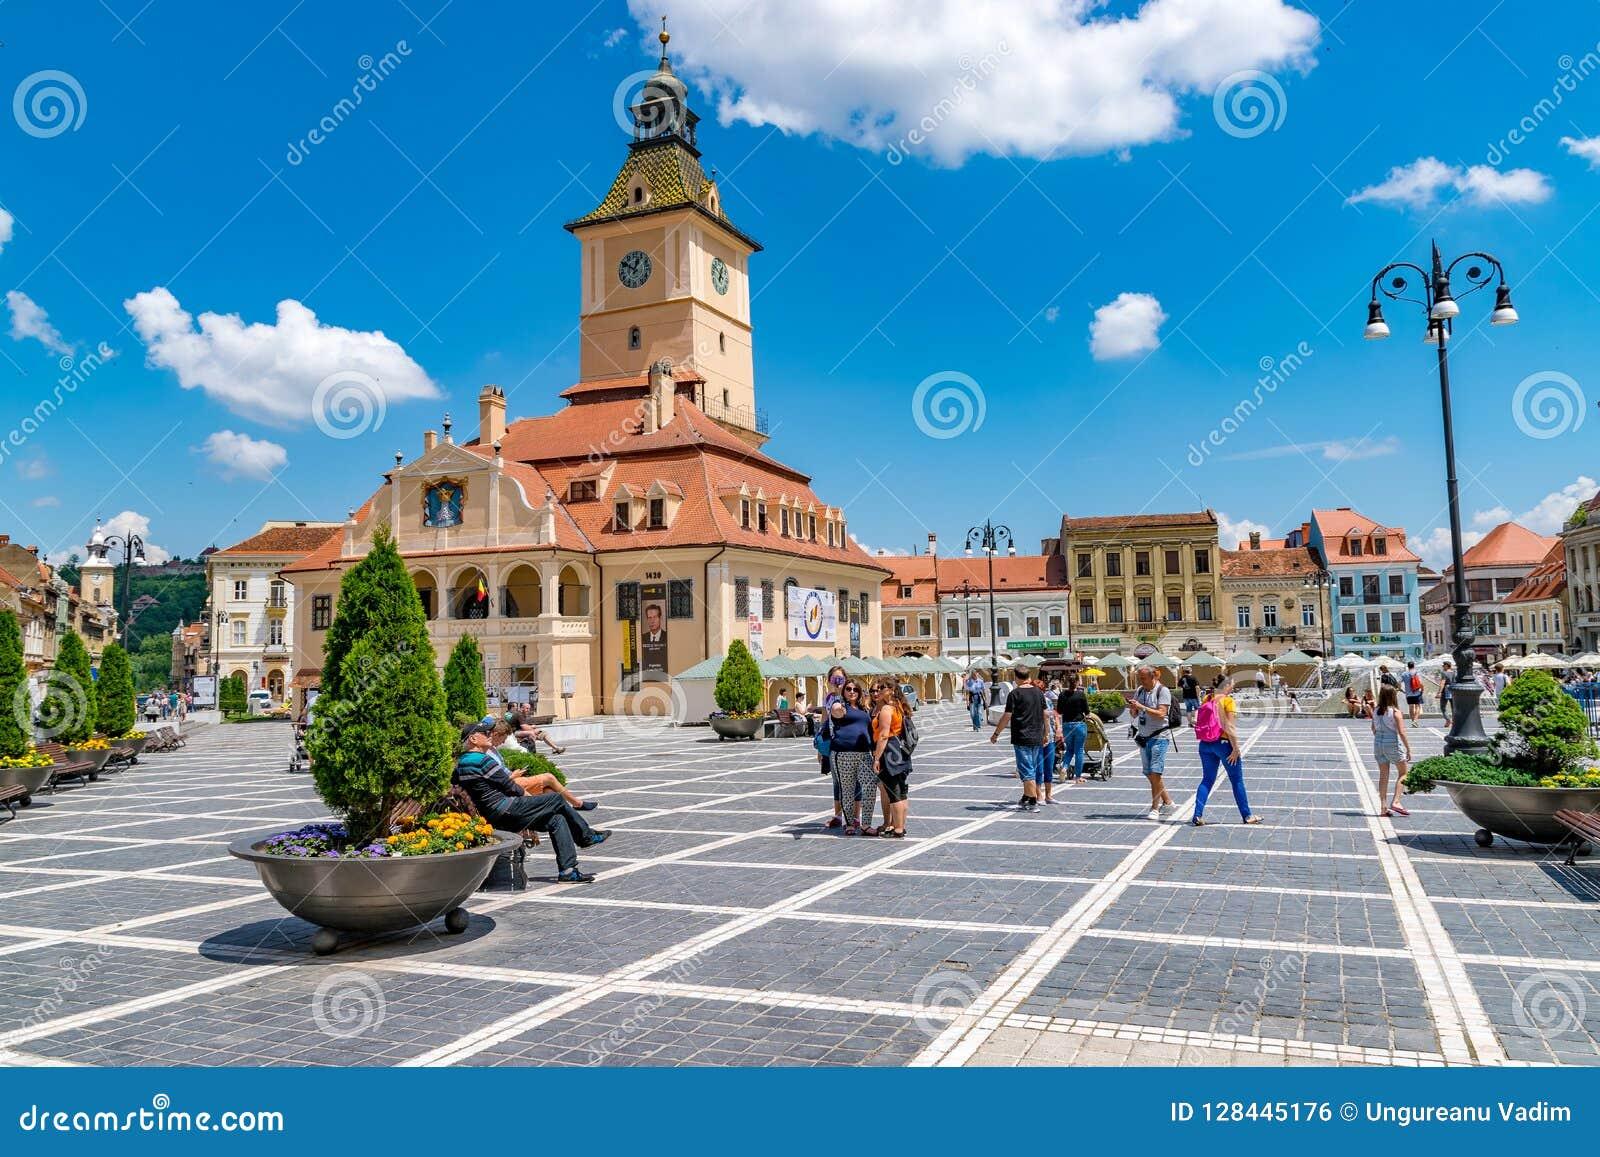 BRASOV, ROMANIA - 19 JUNE, 2018: Council house in the main square in Brasov, Romania